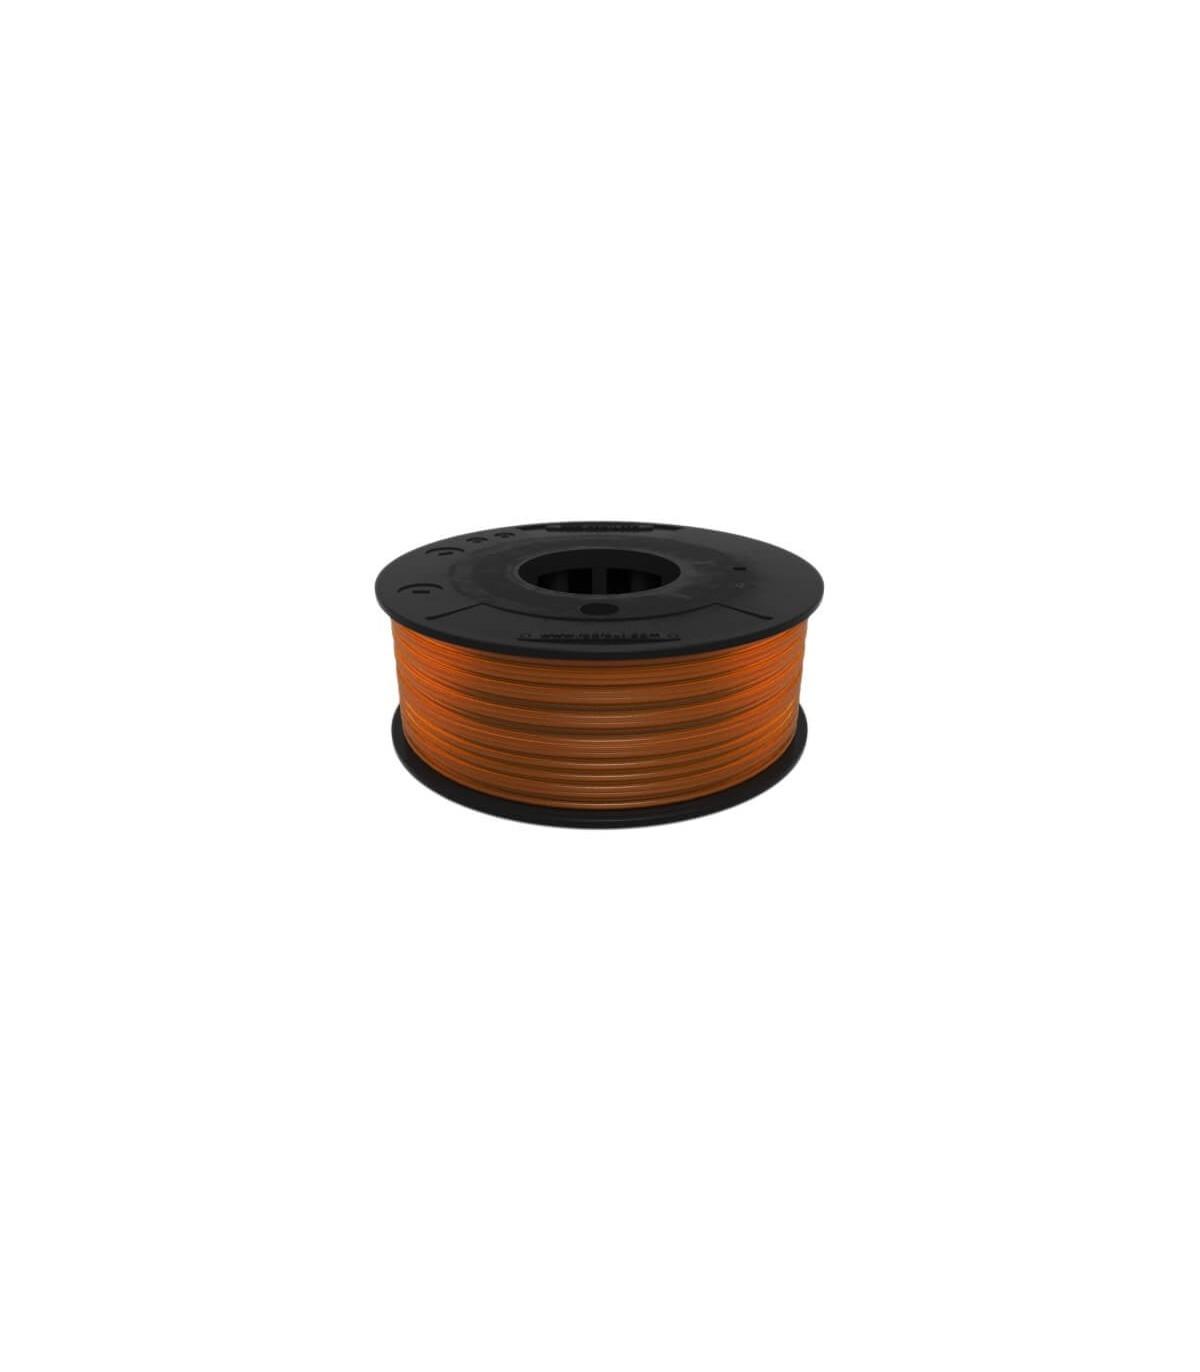 FilaFlex Clear Orange 82A  TPE Filament 1.75 mm 250g